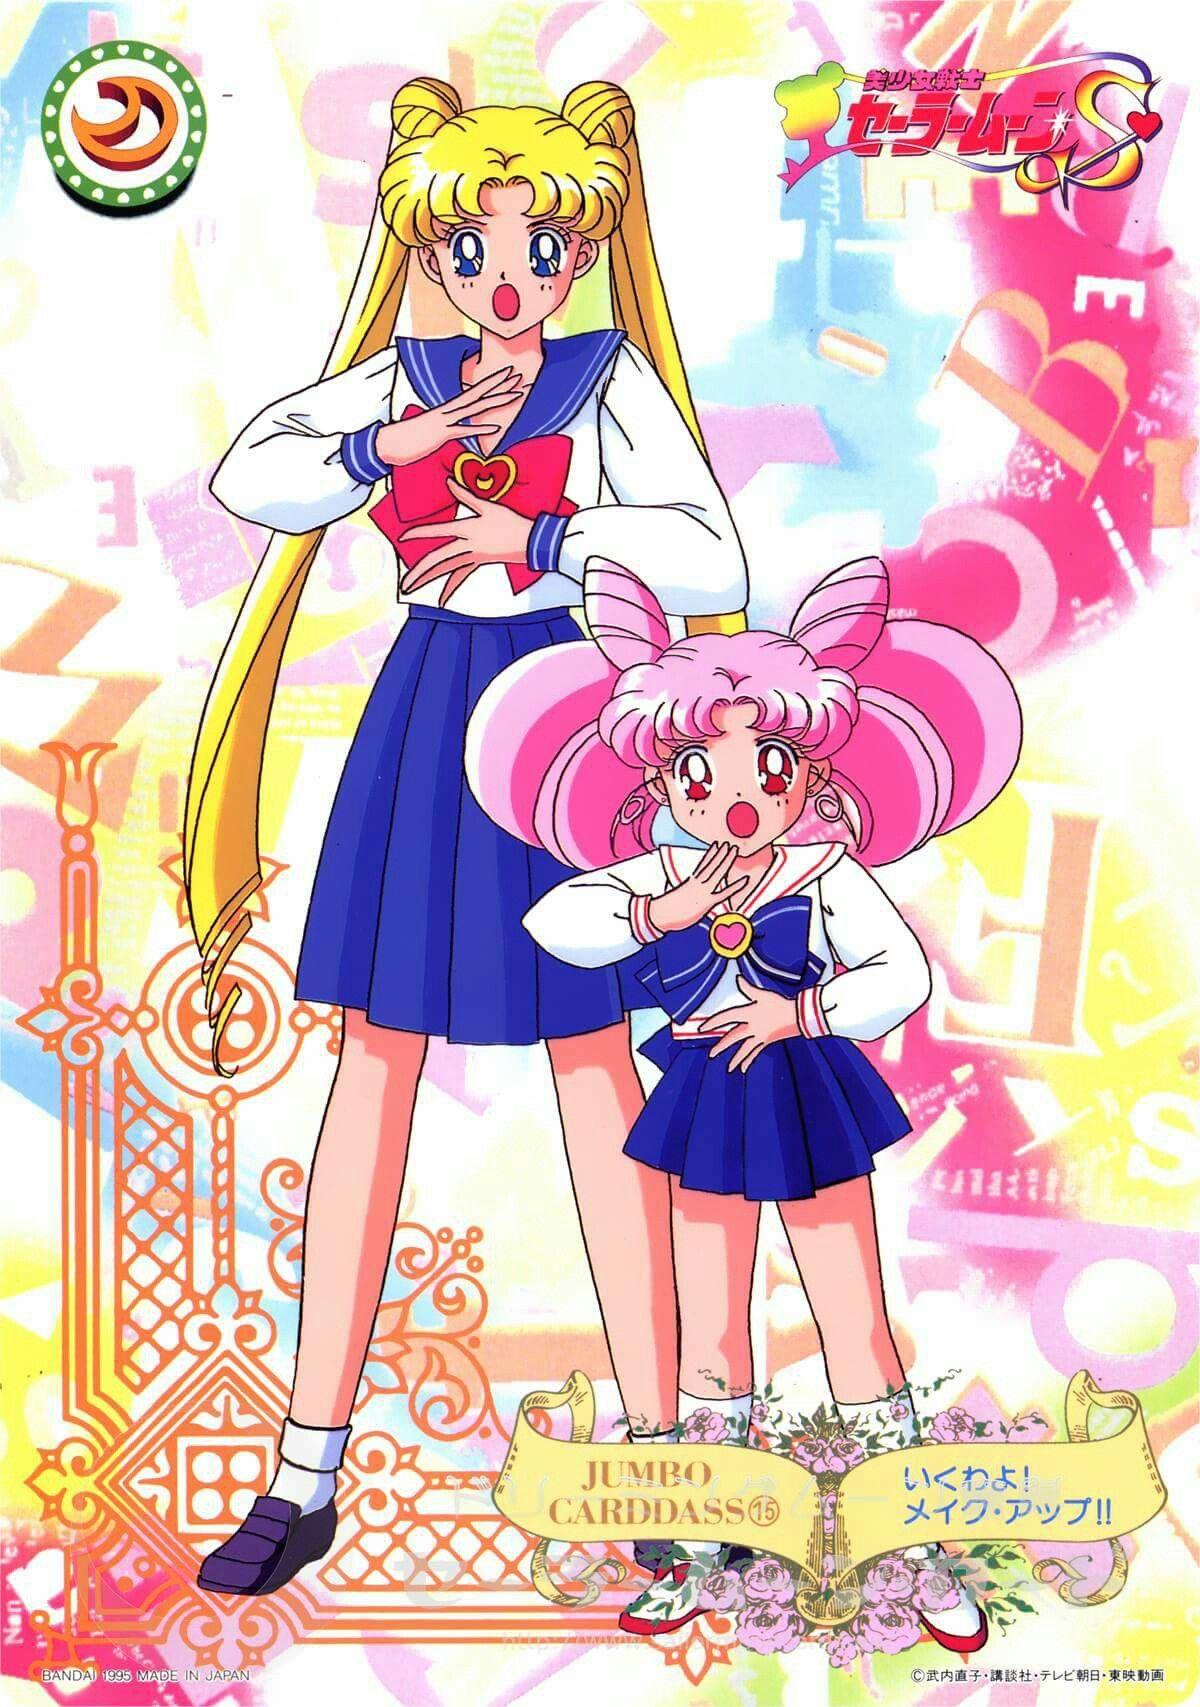 Pin by Aki J on 90s Cartoons/Anime Sailor moon s, Sailor